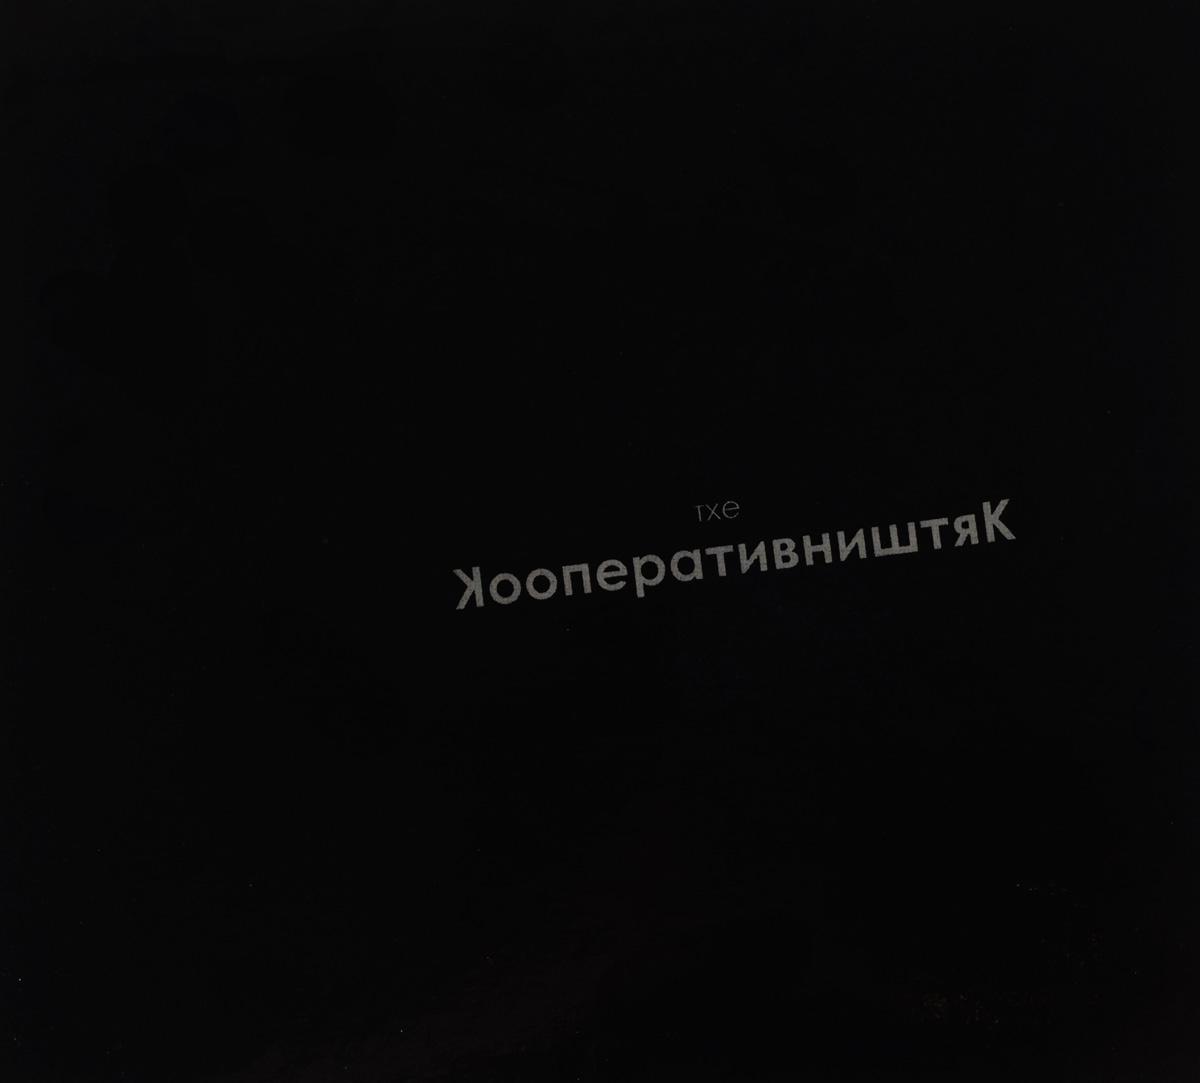 К изданию прилагается 12-страничный буклет с текстами песен на русском языке.